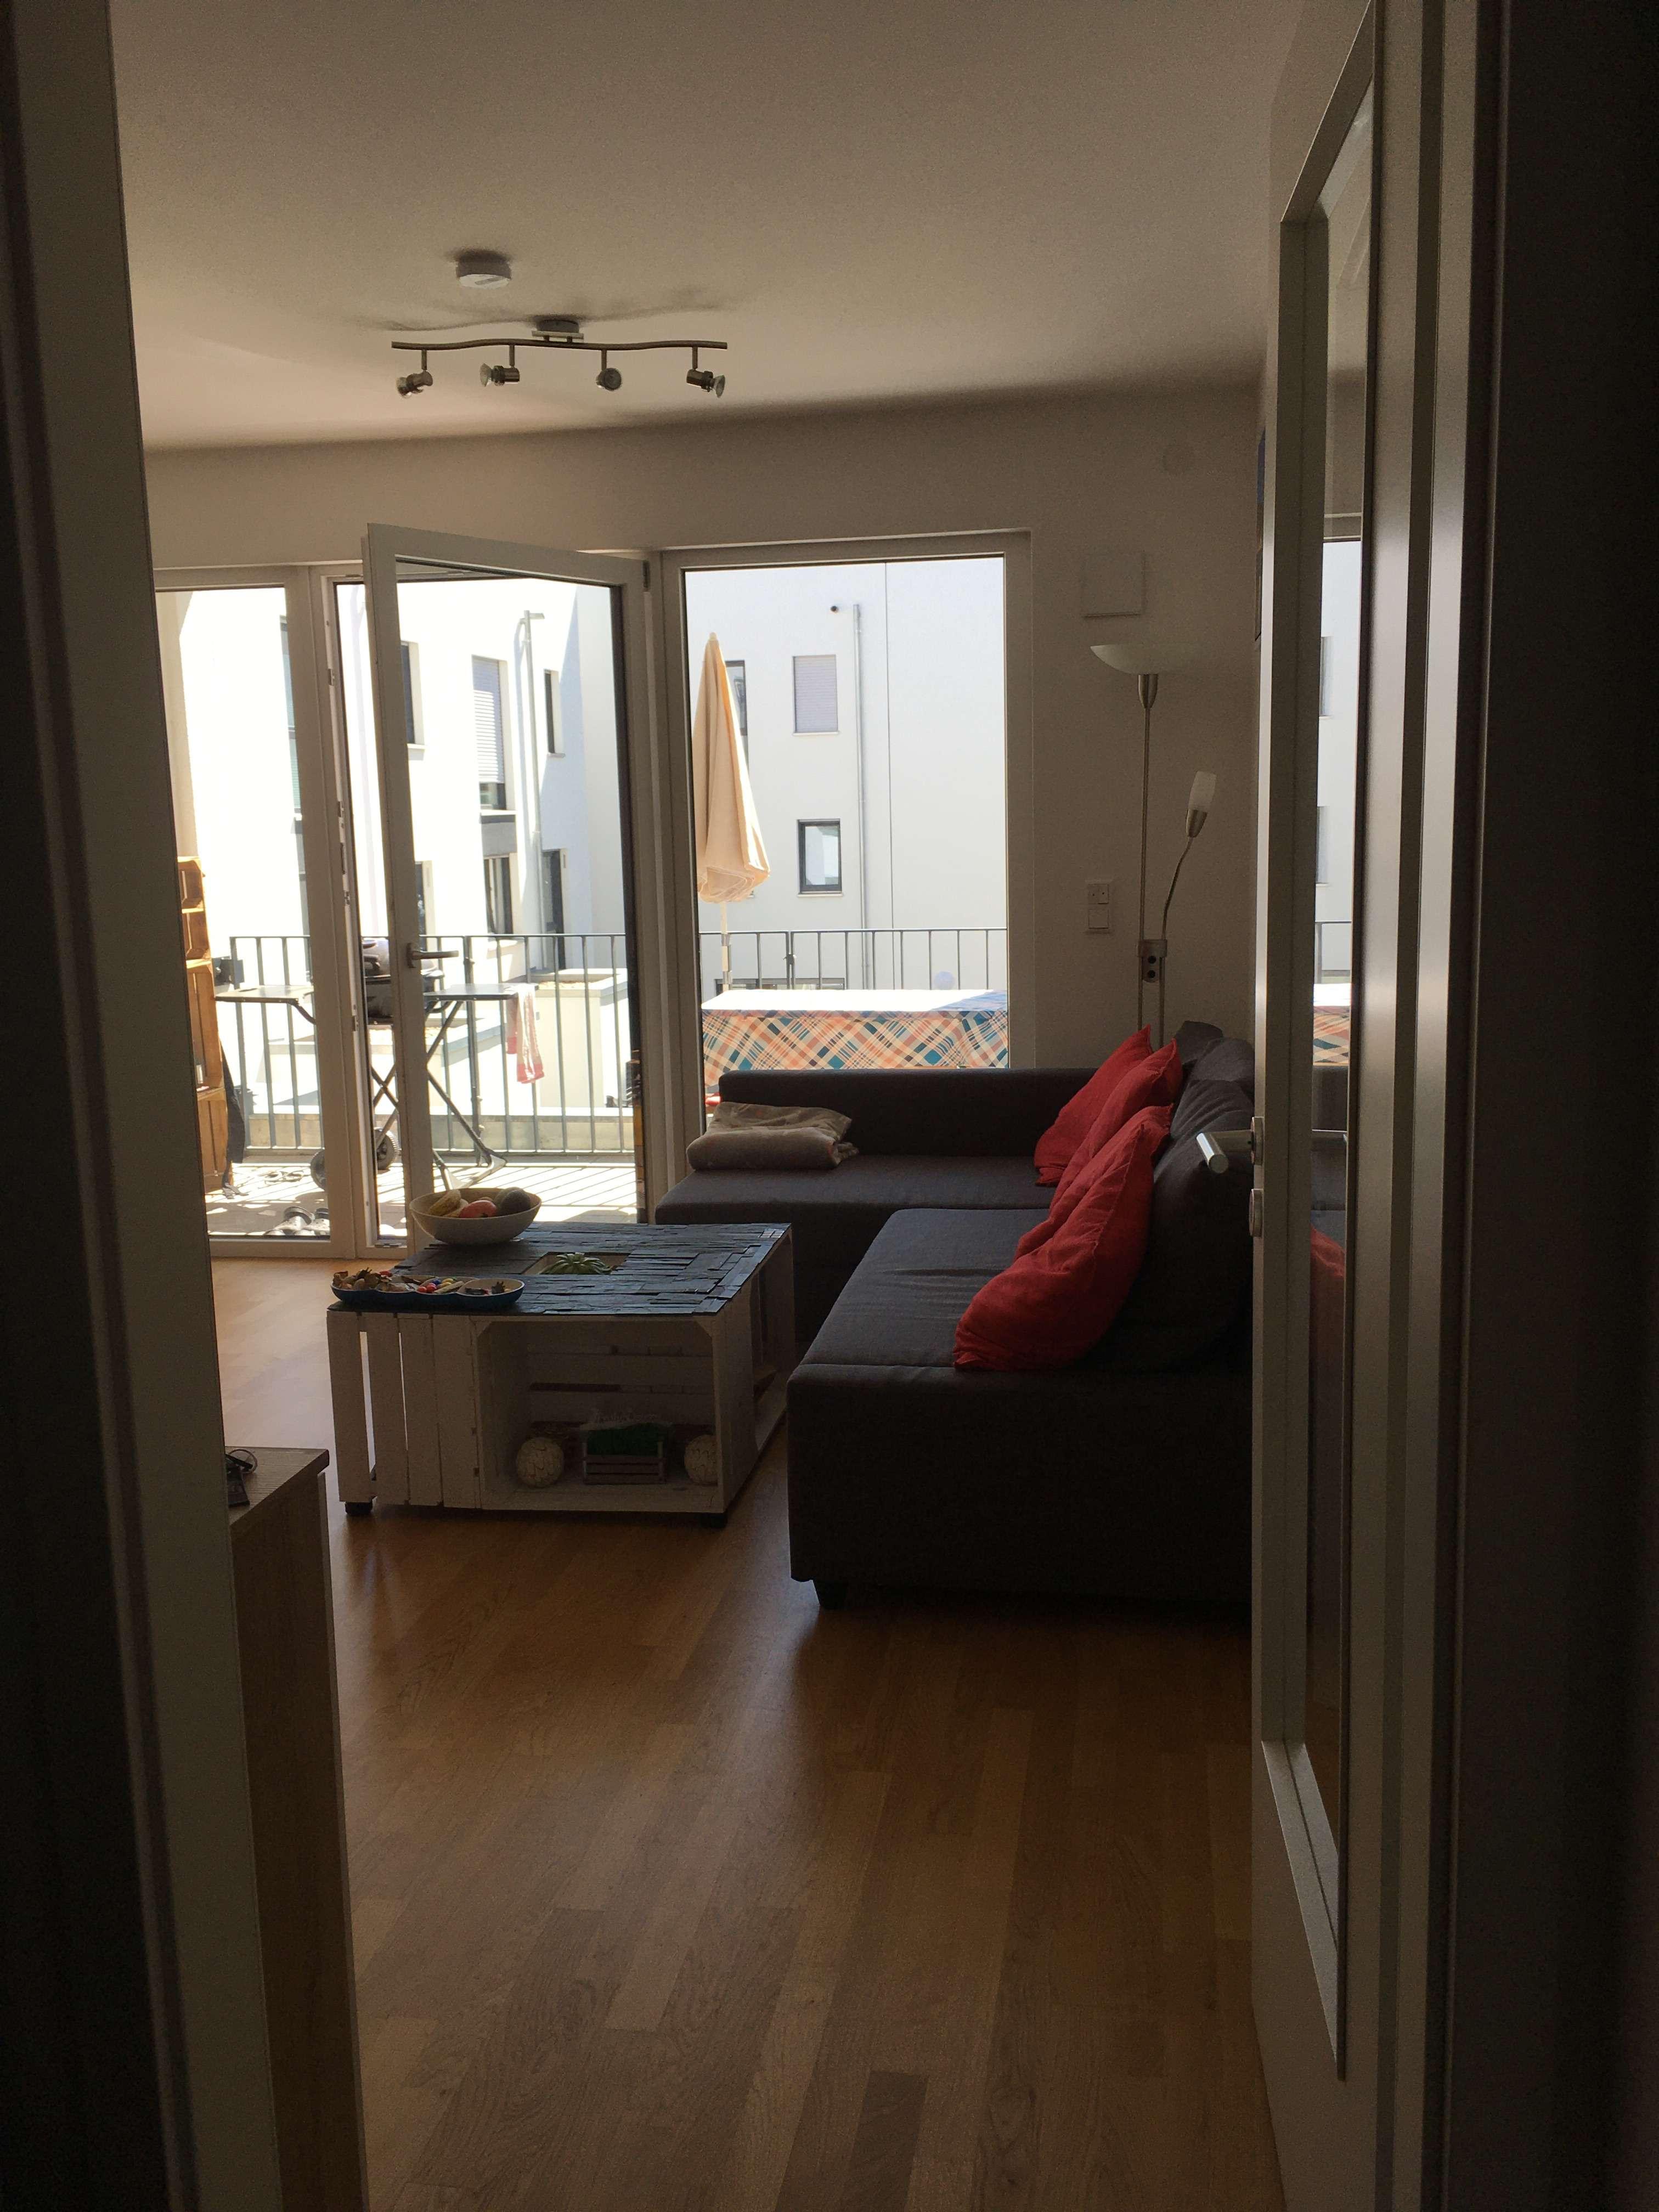 Stilvolle 2-Zimmer-Wohnung mit Balkon im  Regensburger Marina-Forum in